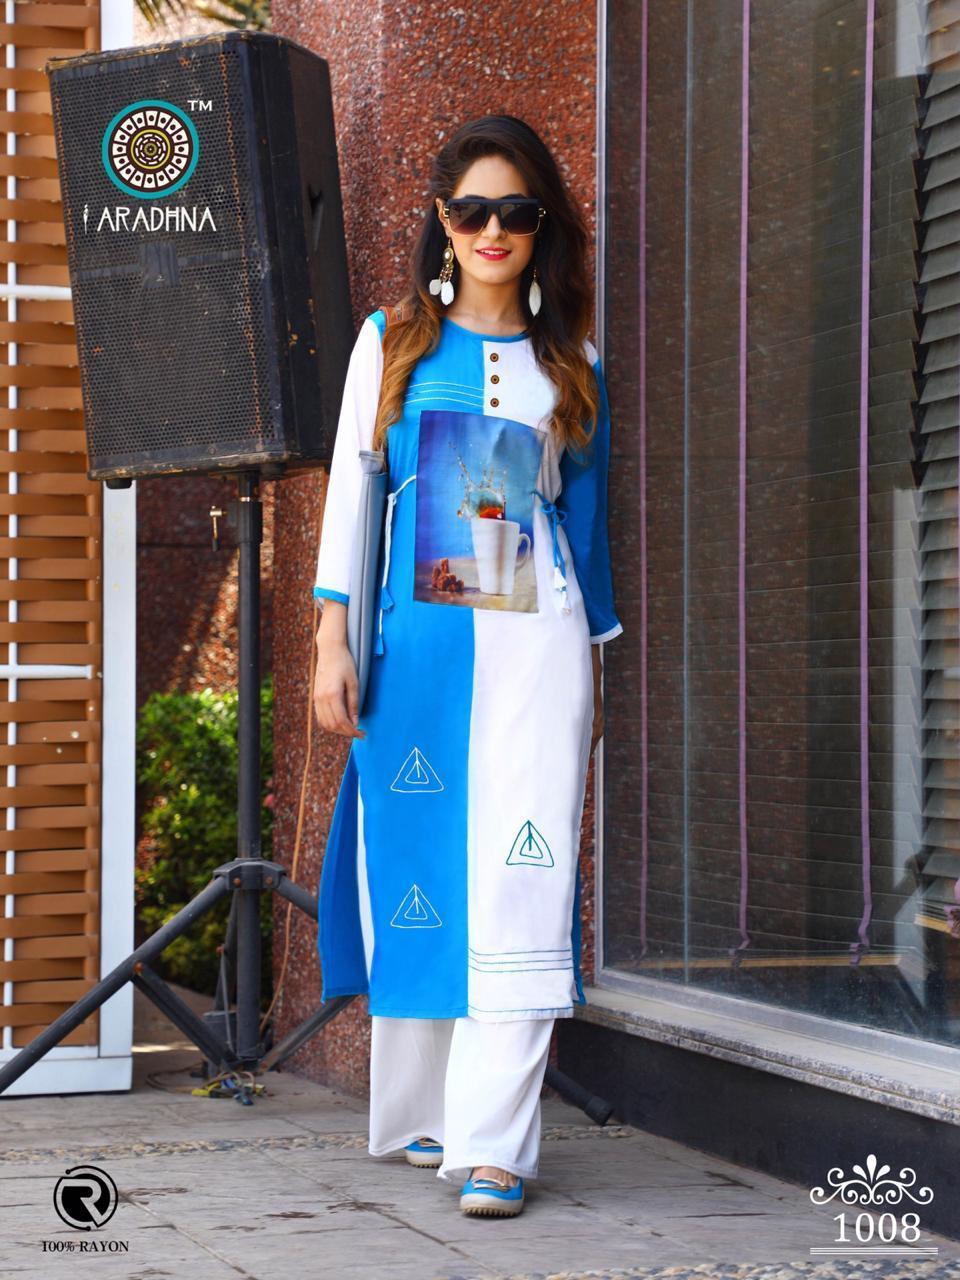 Aradhna Parrot Vol 6 Designer Rayon Stitch Stylish Kurties Wholesale